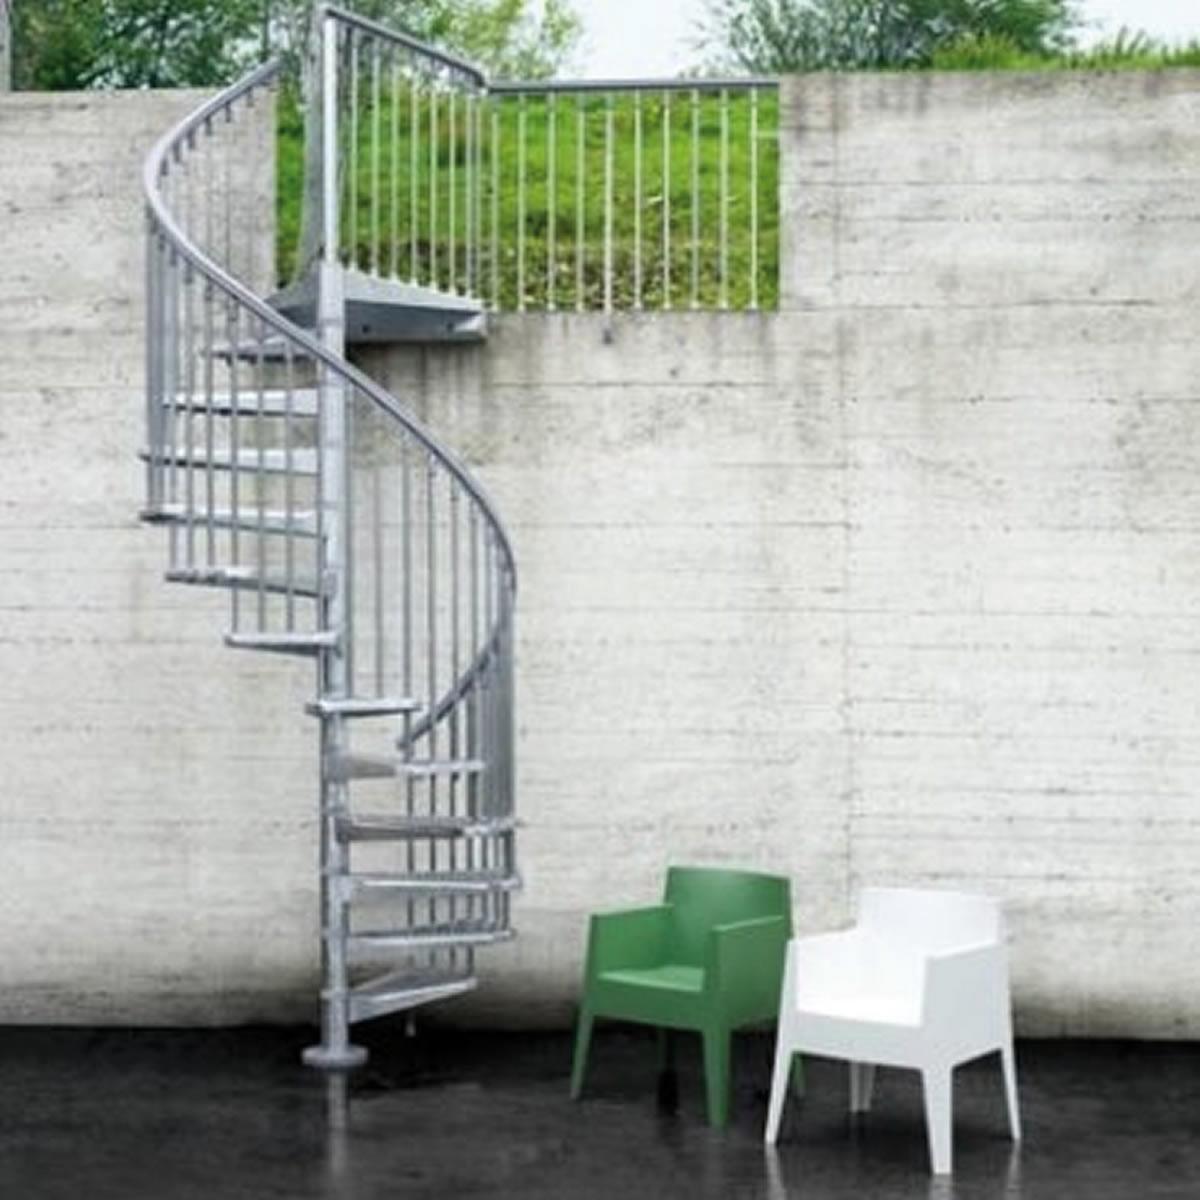 Scala a chiocciola tonda Steel Zink FONTANOT L 120 cm, gradino grigio zincato, struttura grigio zincato - 1